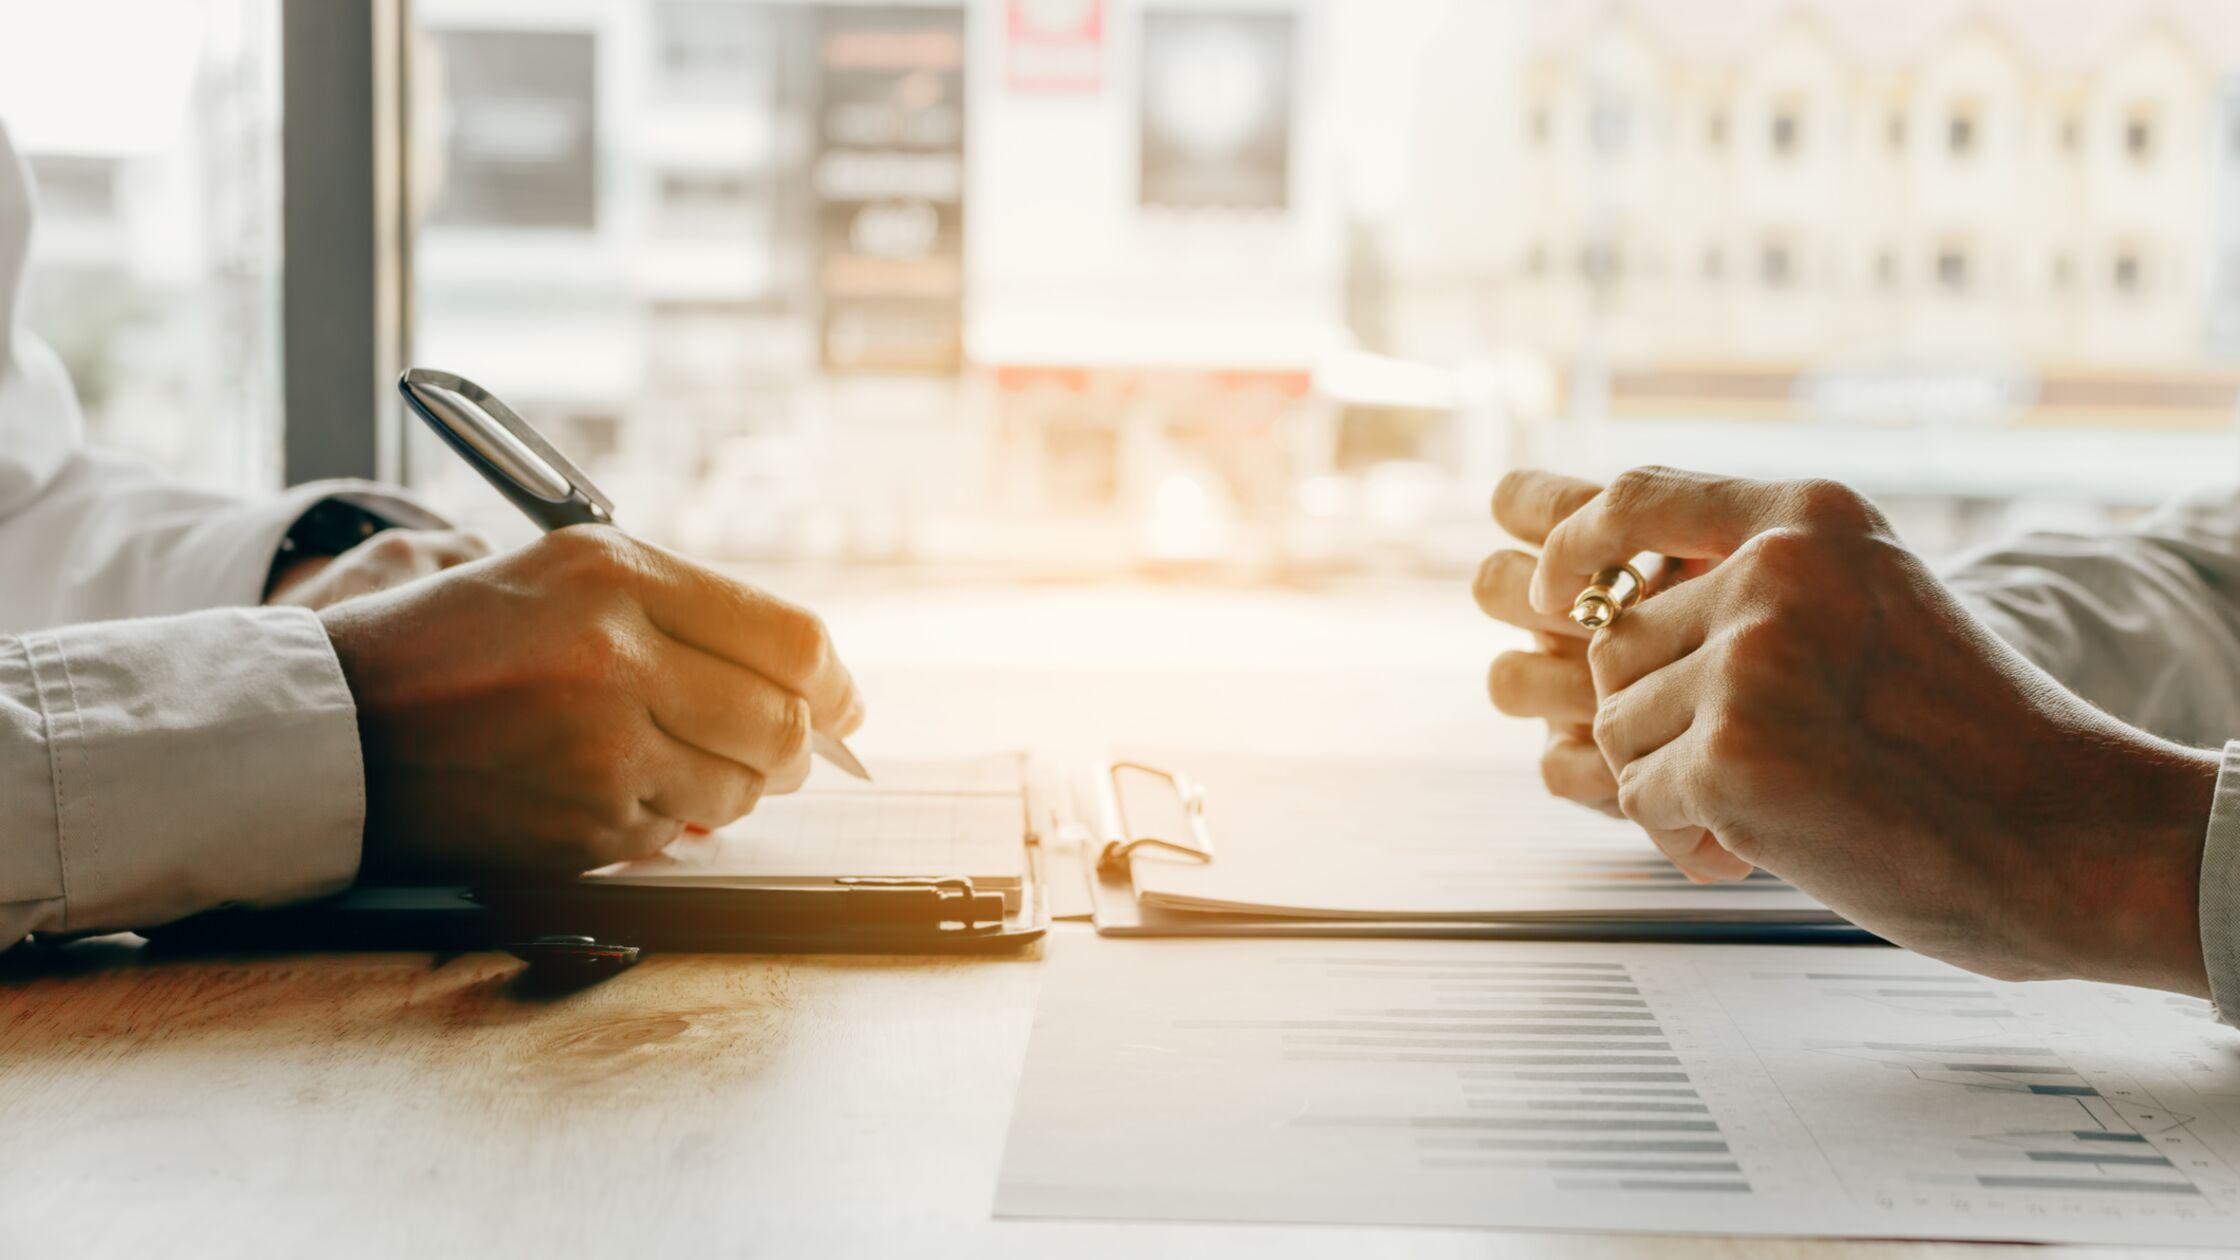 Zwei Paar Hände, Close-up, mit Stiften und Unterlagen